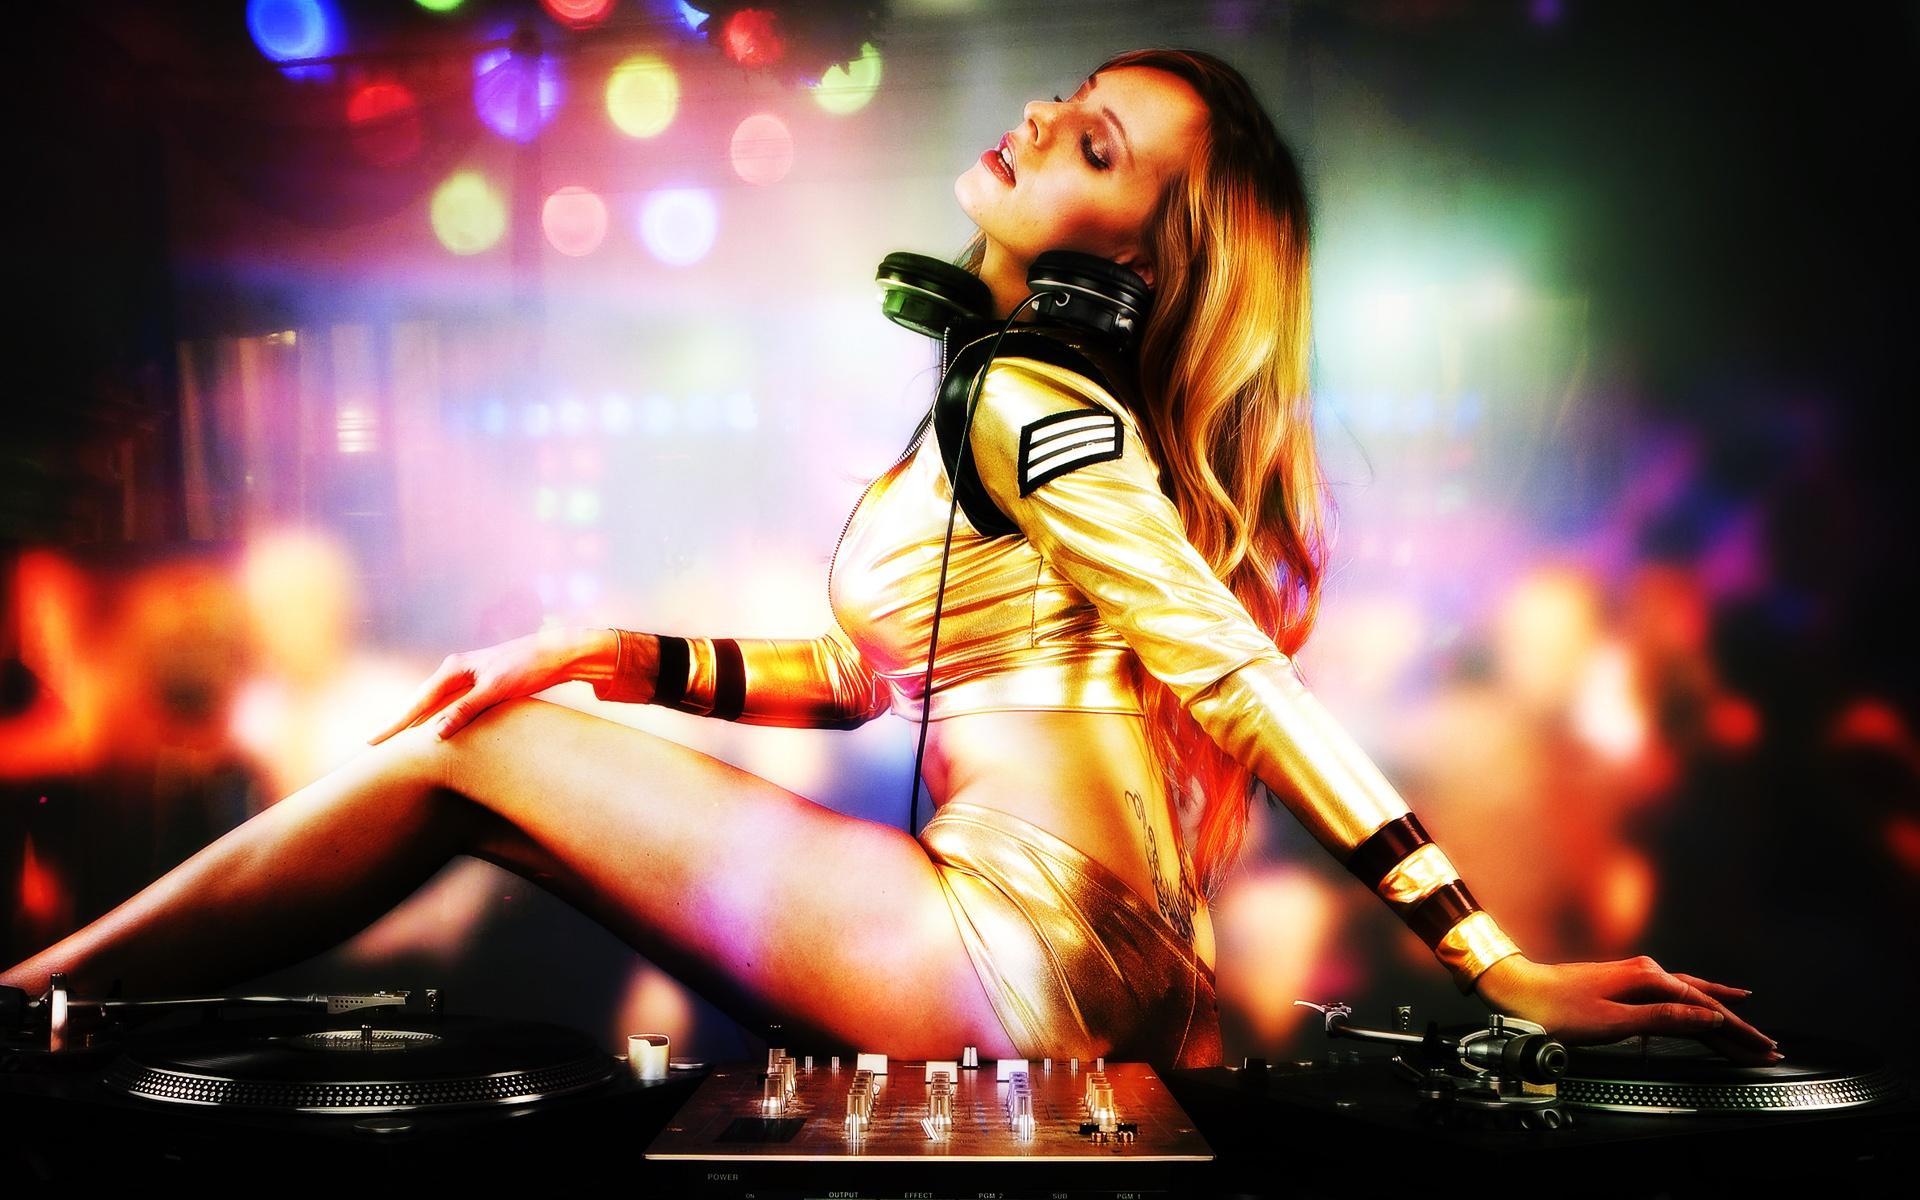 OK GOOGLE НАЙТИ МУЗЫКУ В MP3 ФОРМАТЕ DJ ELECTRO HOUSE СКАЧАТЬ БЕСПЛАТНО